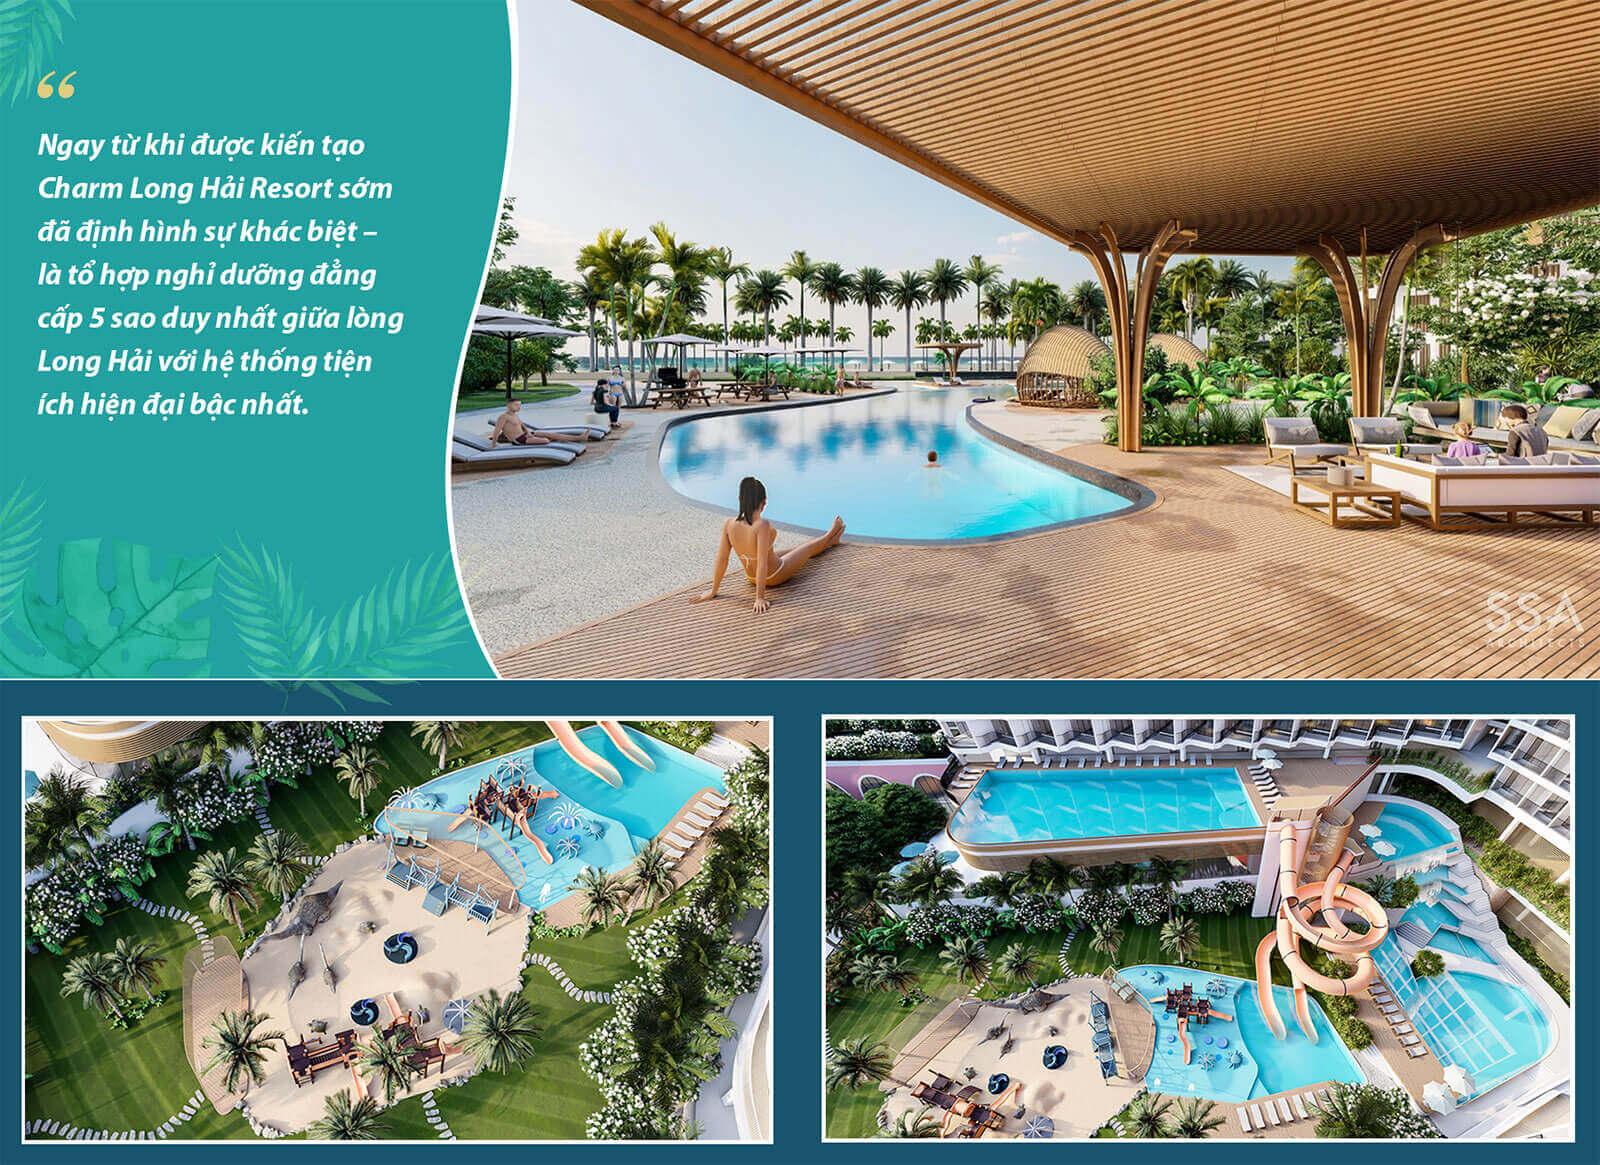 Charm Resort Long Hải Biệt thự cao cấp hạ tầng hòan thiện thiết kế thoáng